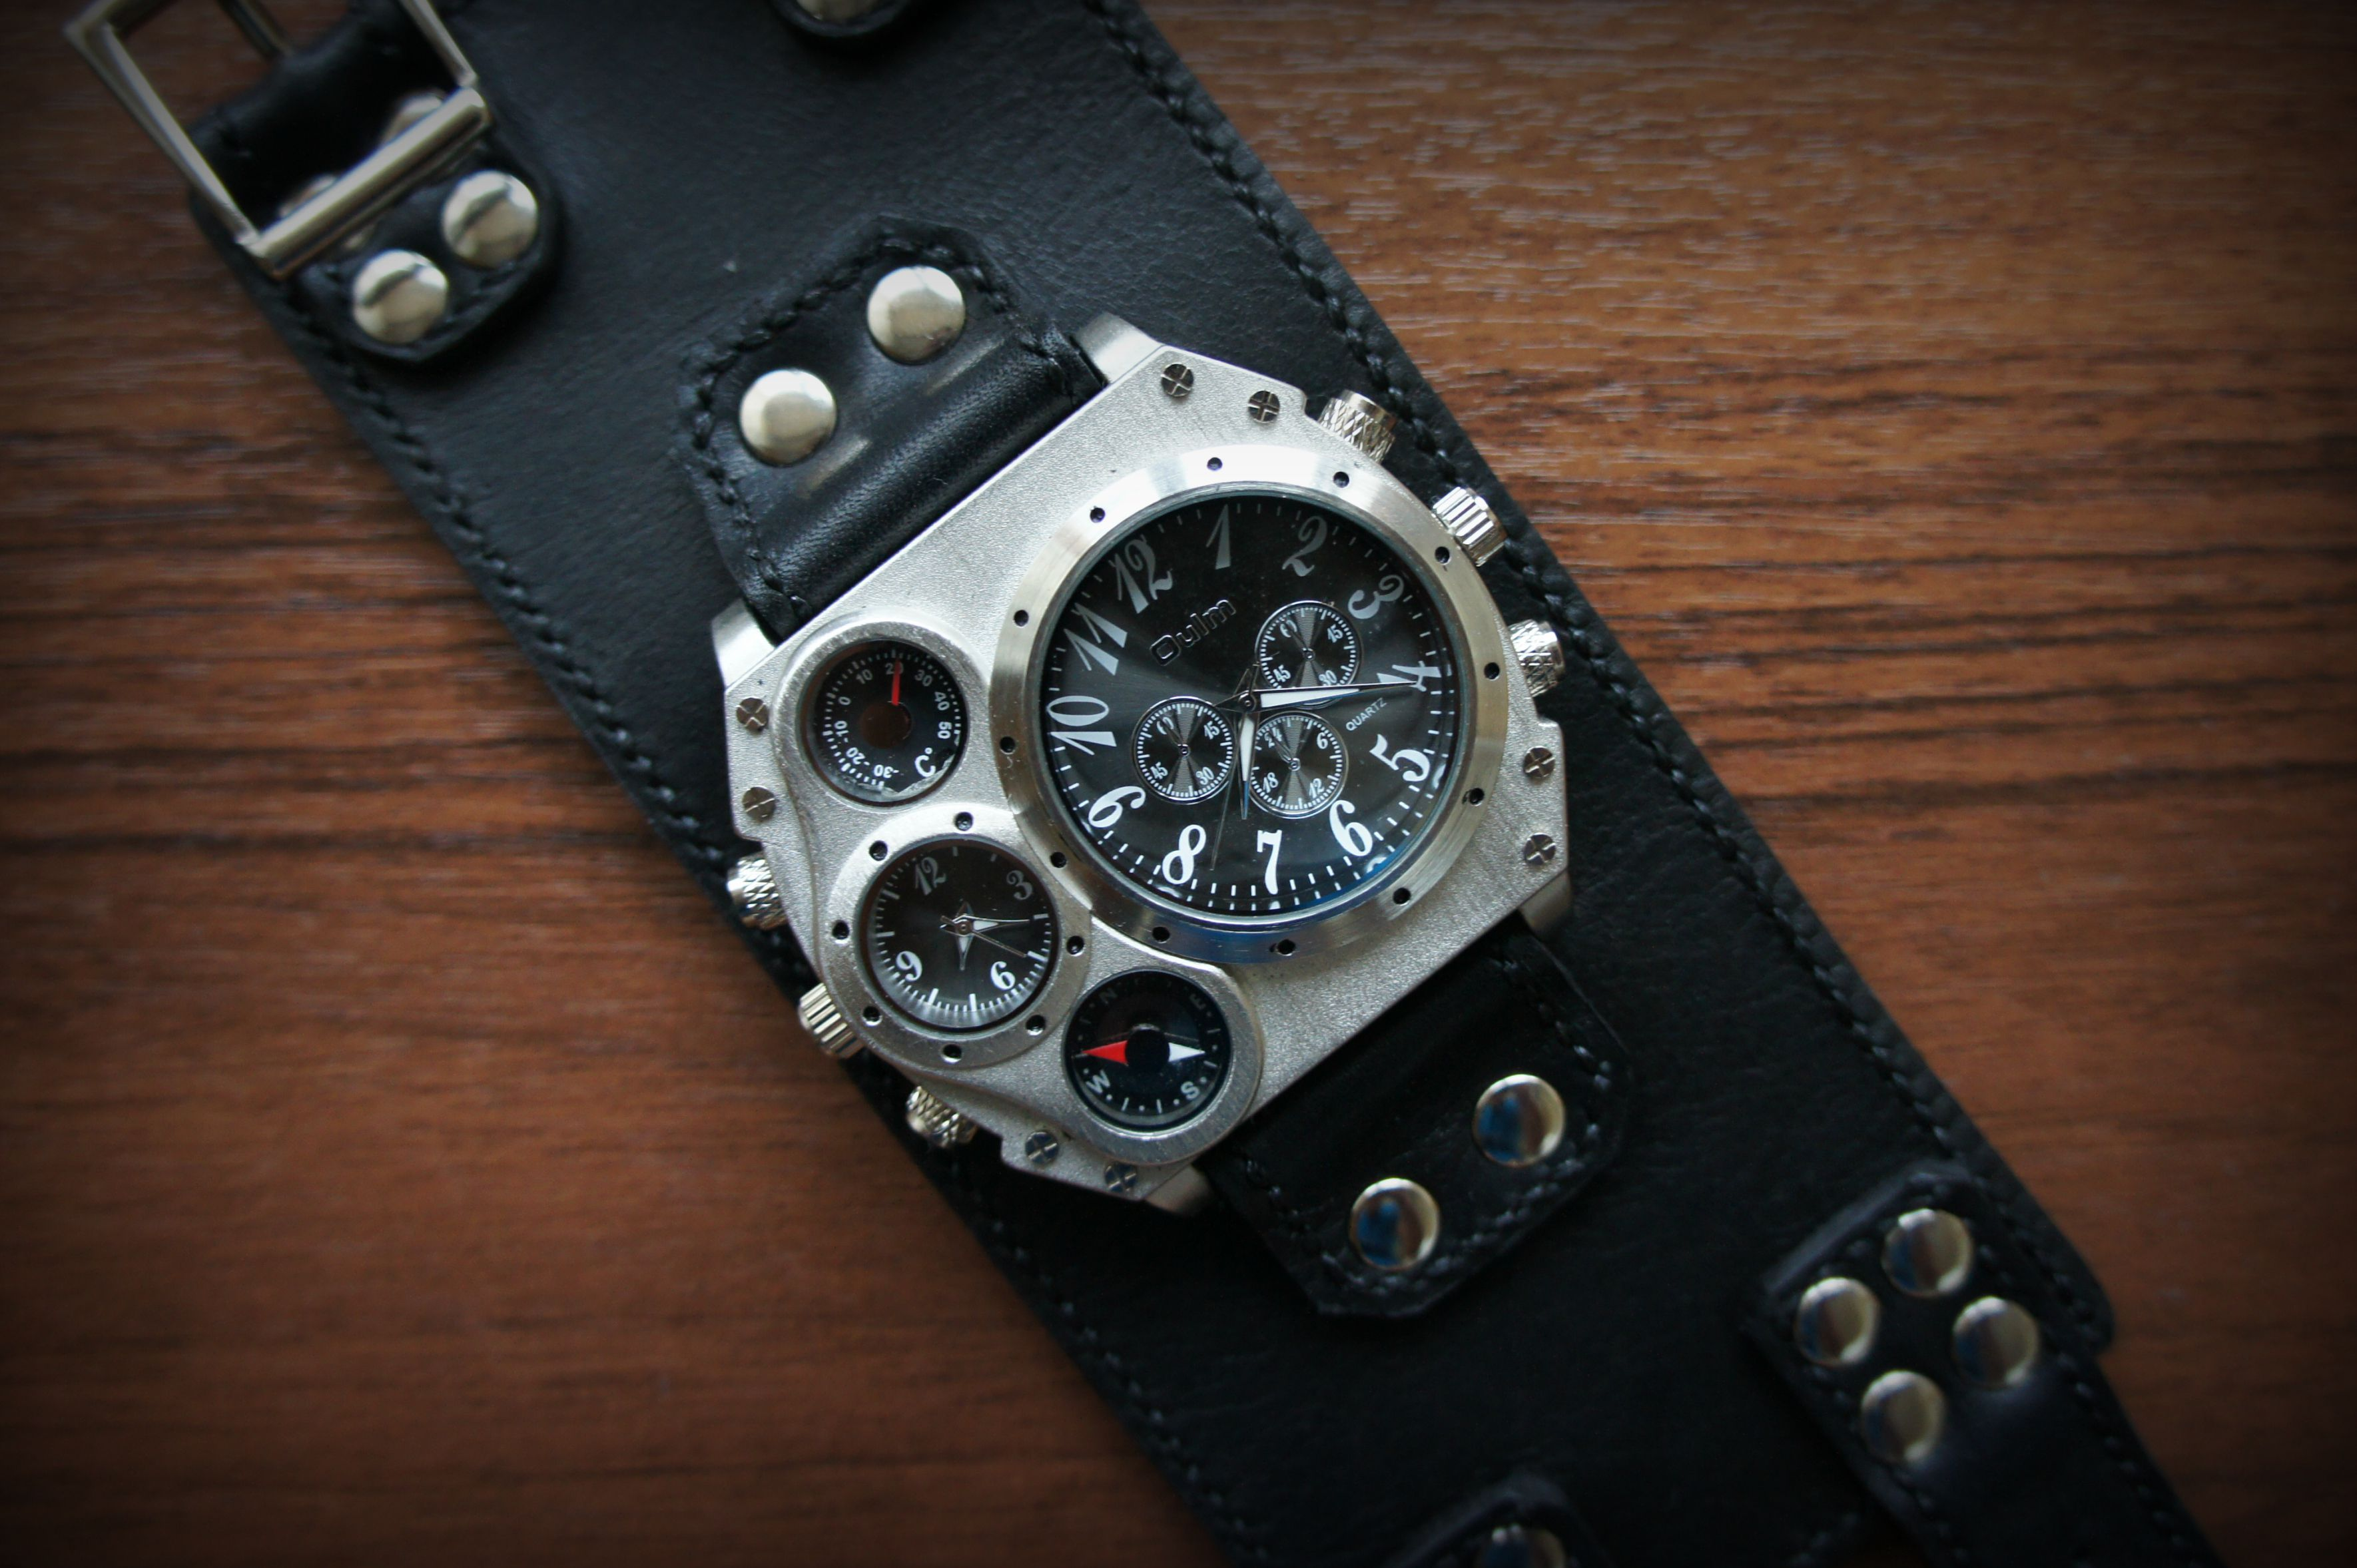 ручнаяработа кожа аксессуары часынаширокомбраслете часынаручныекупить наручныечасымужские часовоймеханизм часыручнойработы часынаширокомремешке браслетизкожи handmade часы подарокмужчине натуральнаякожа